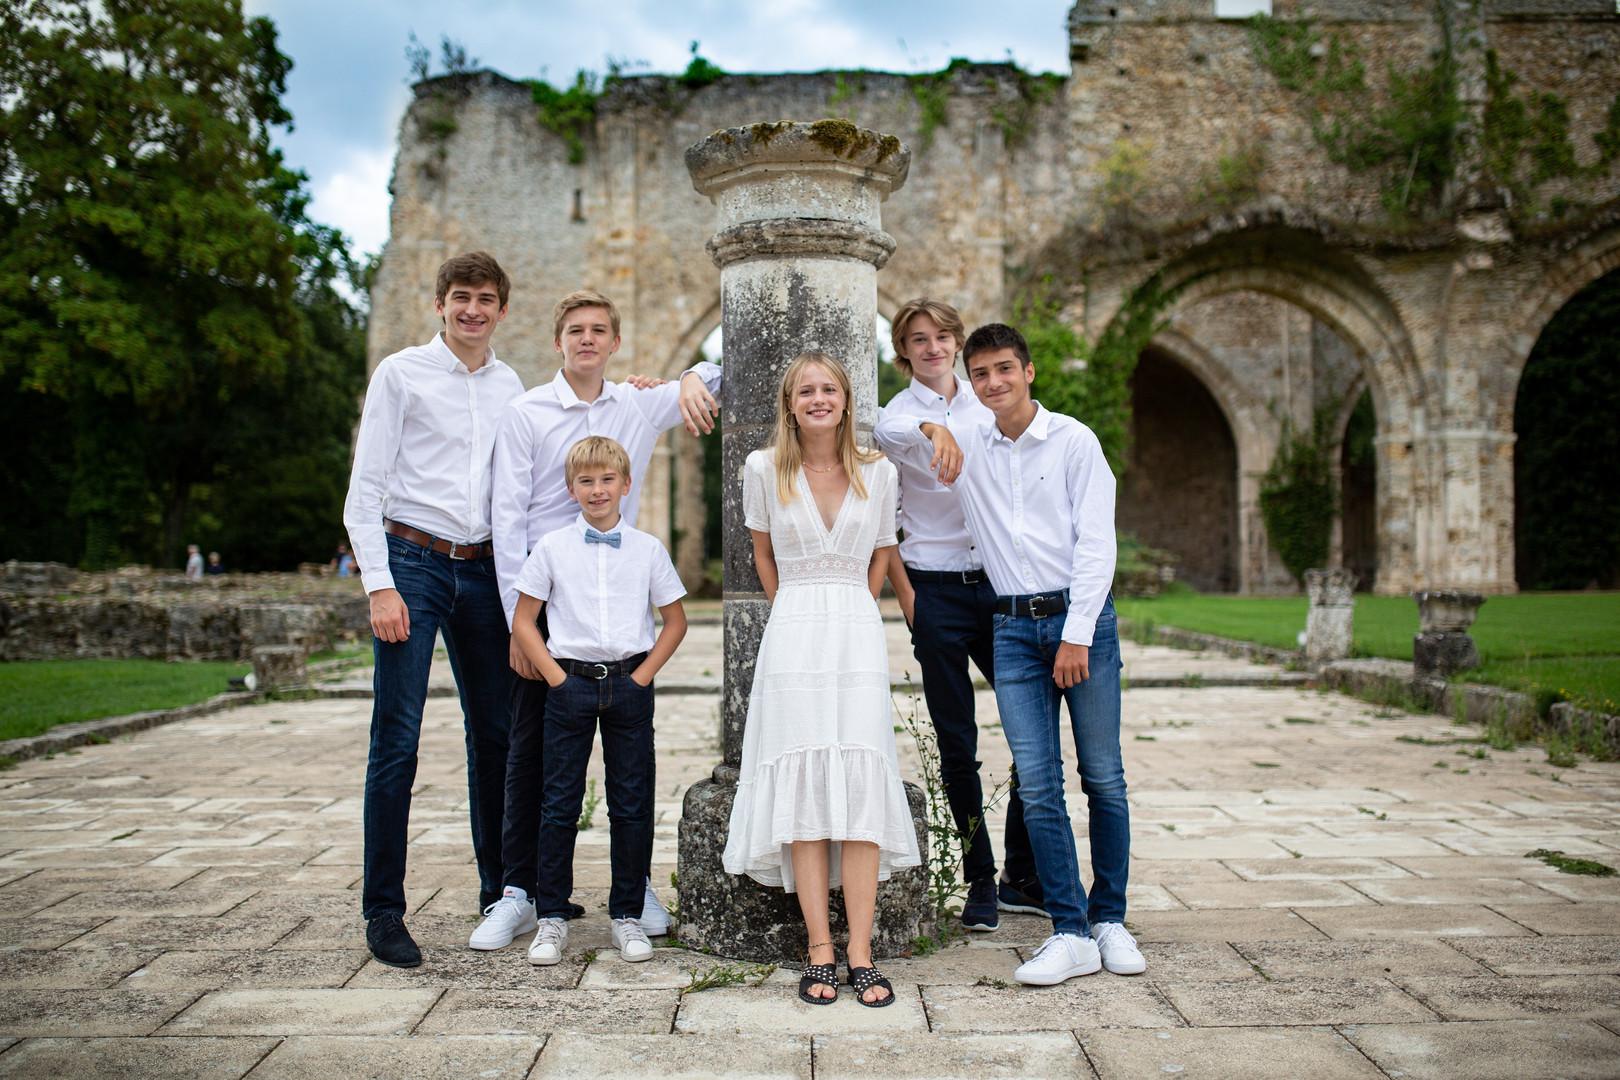 photographe famille dreux